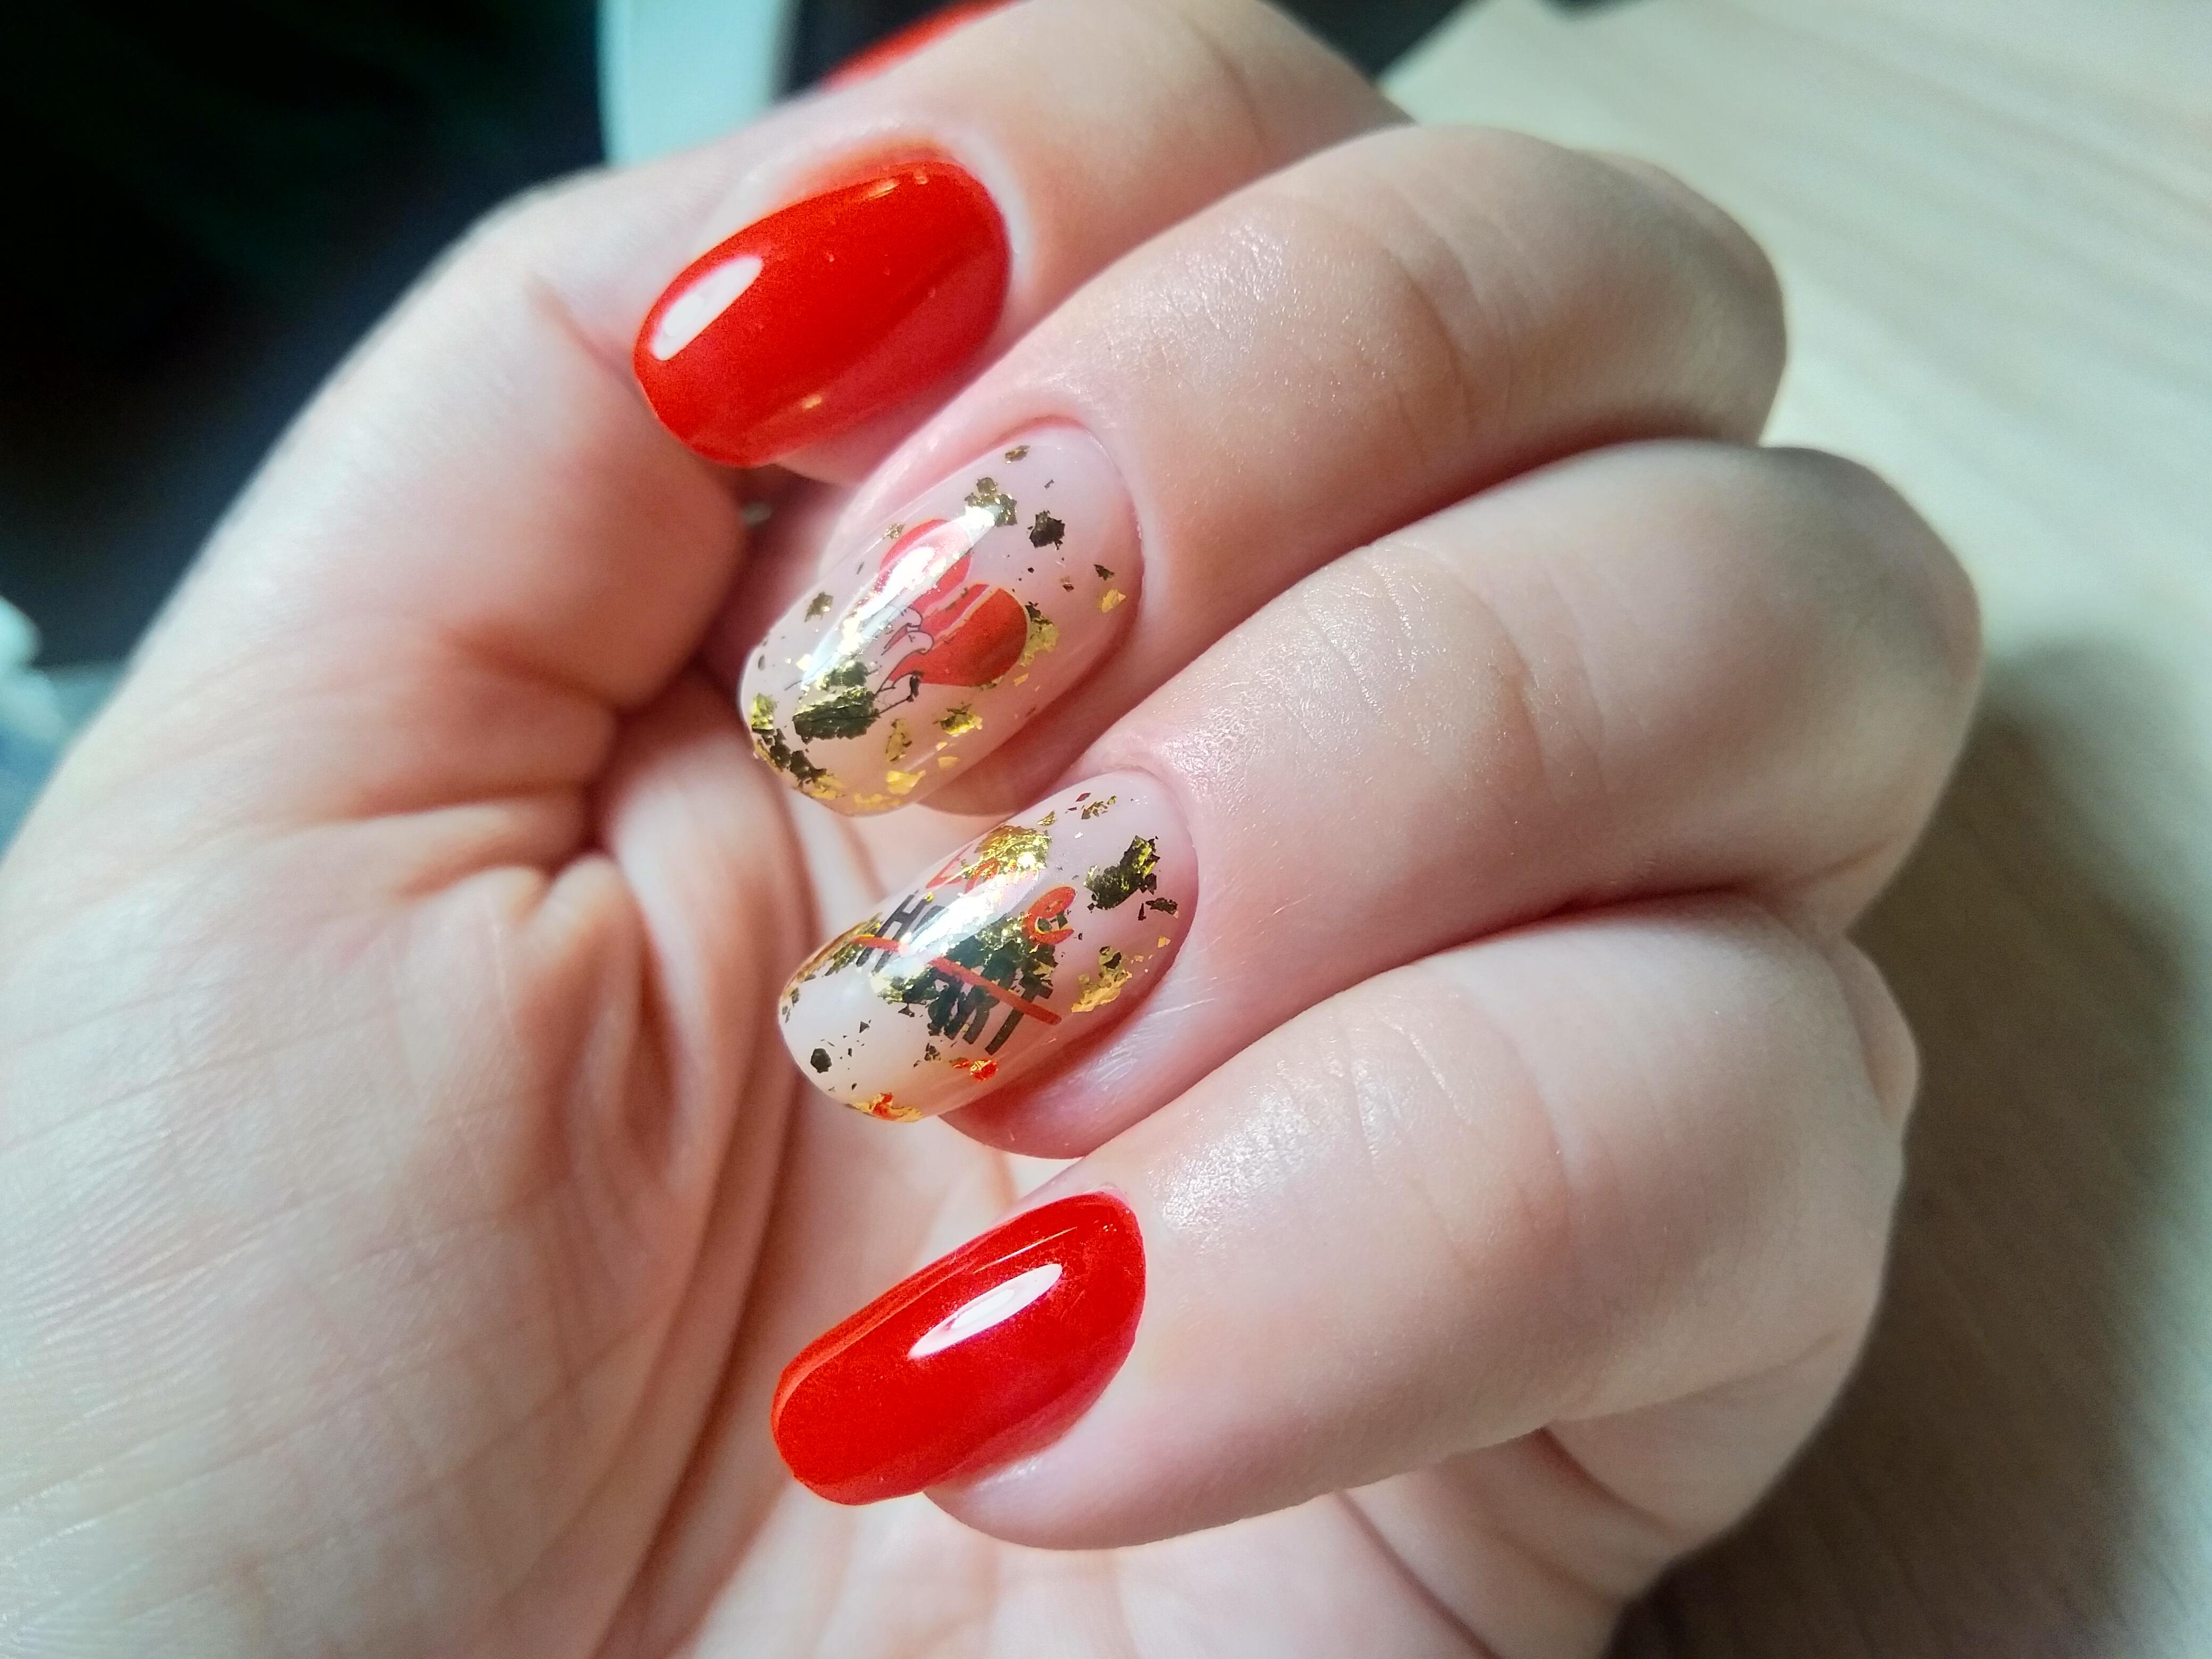 Маникюр с золотой фольгой в красном цвете на короткие ногти.